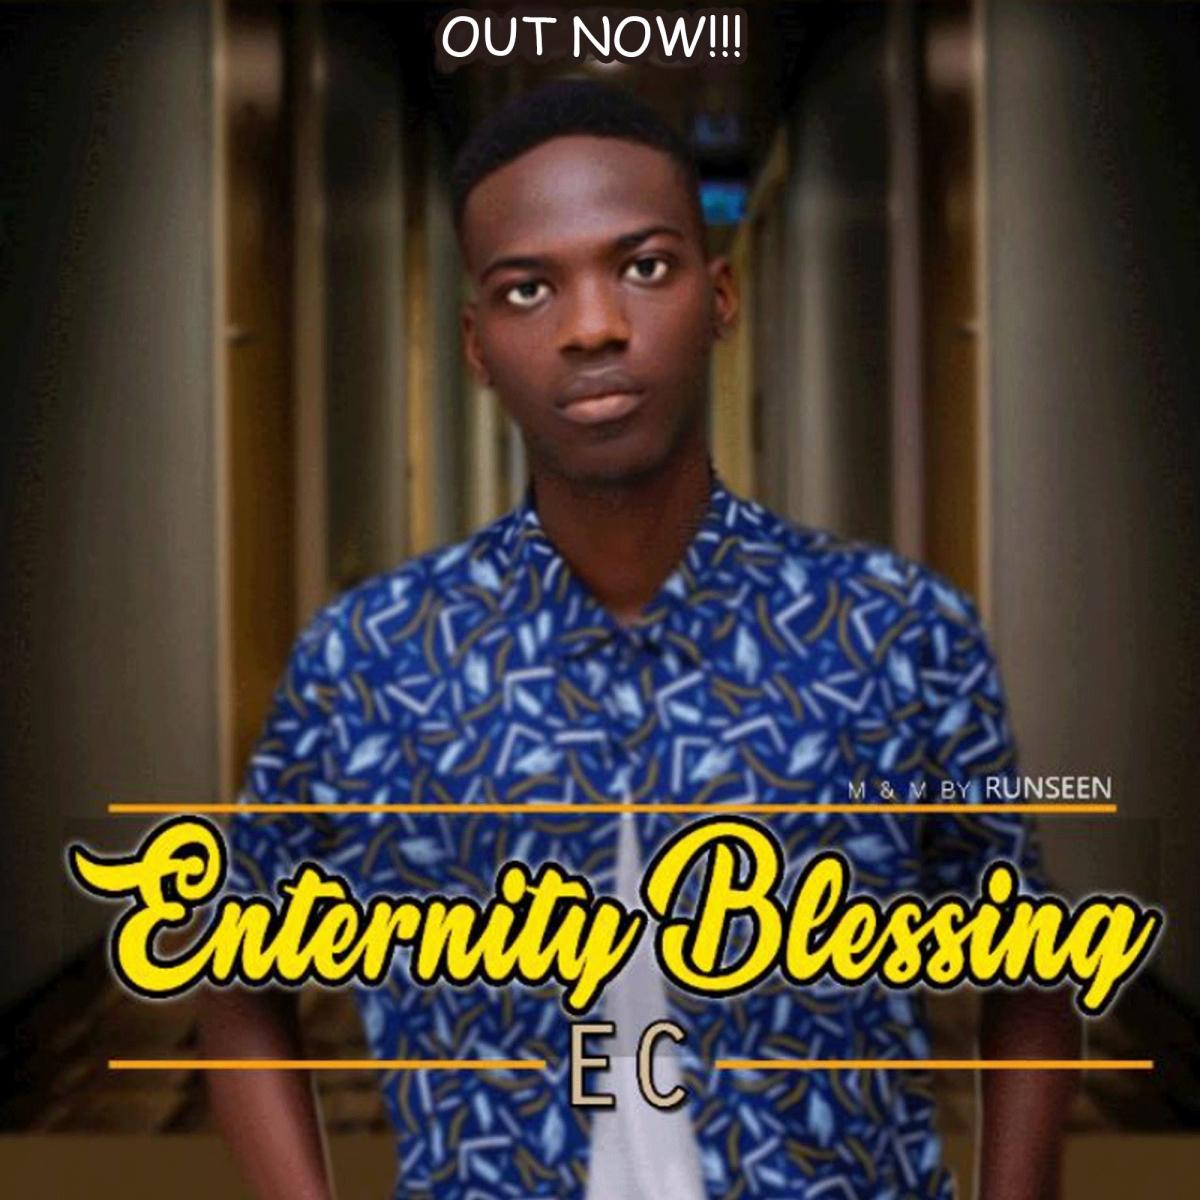 EC - Eternity Blessing